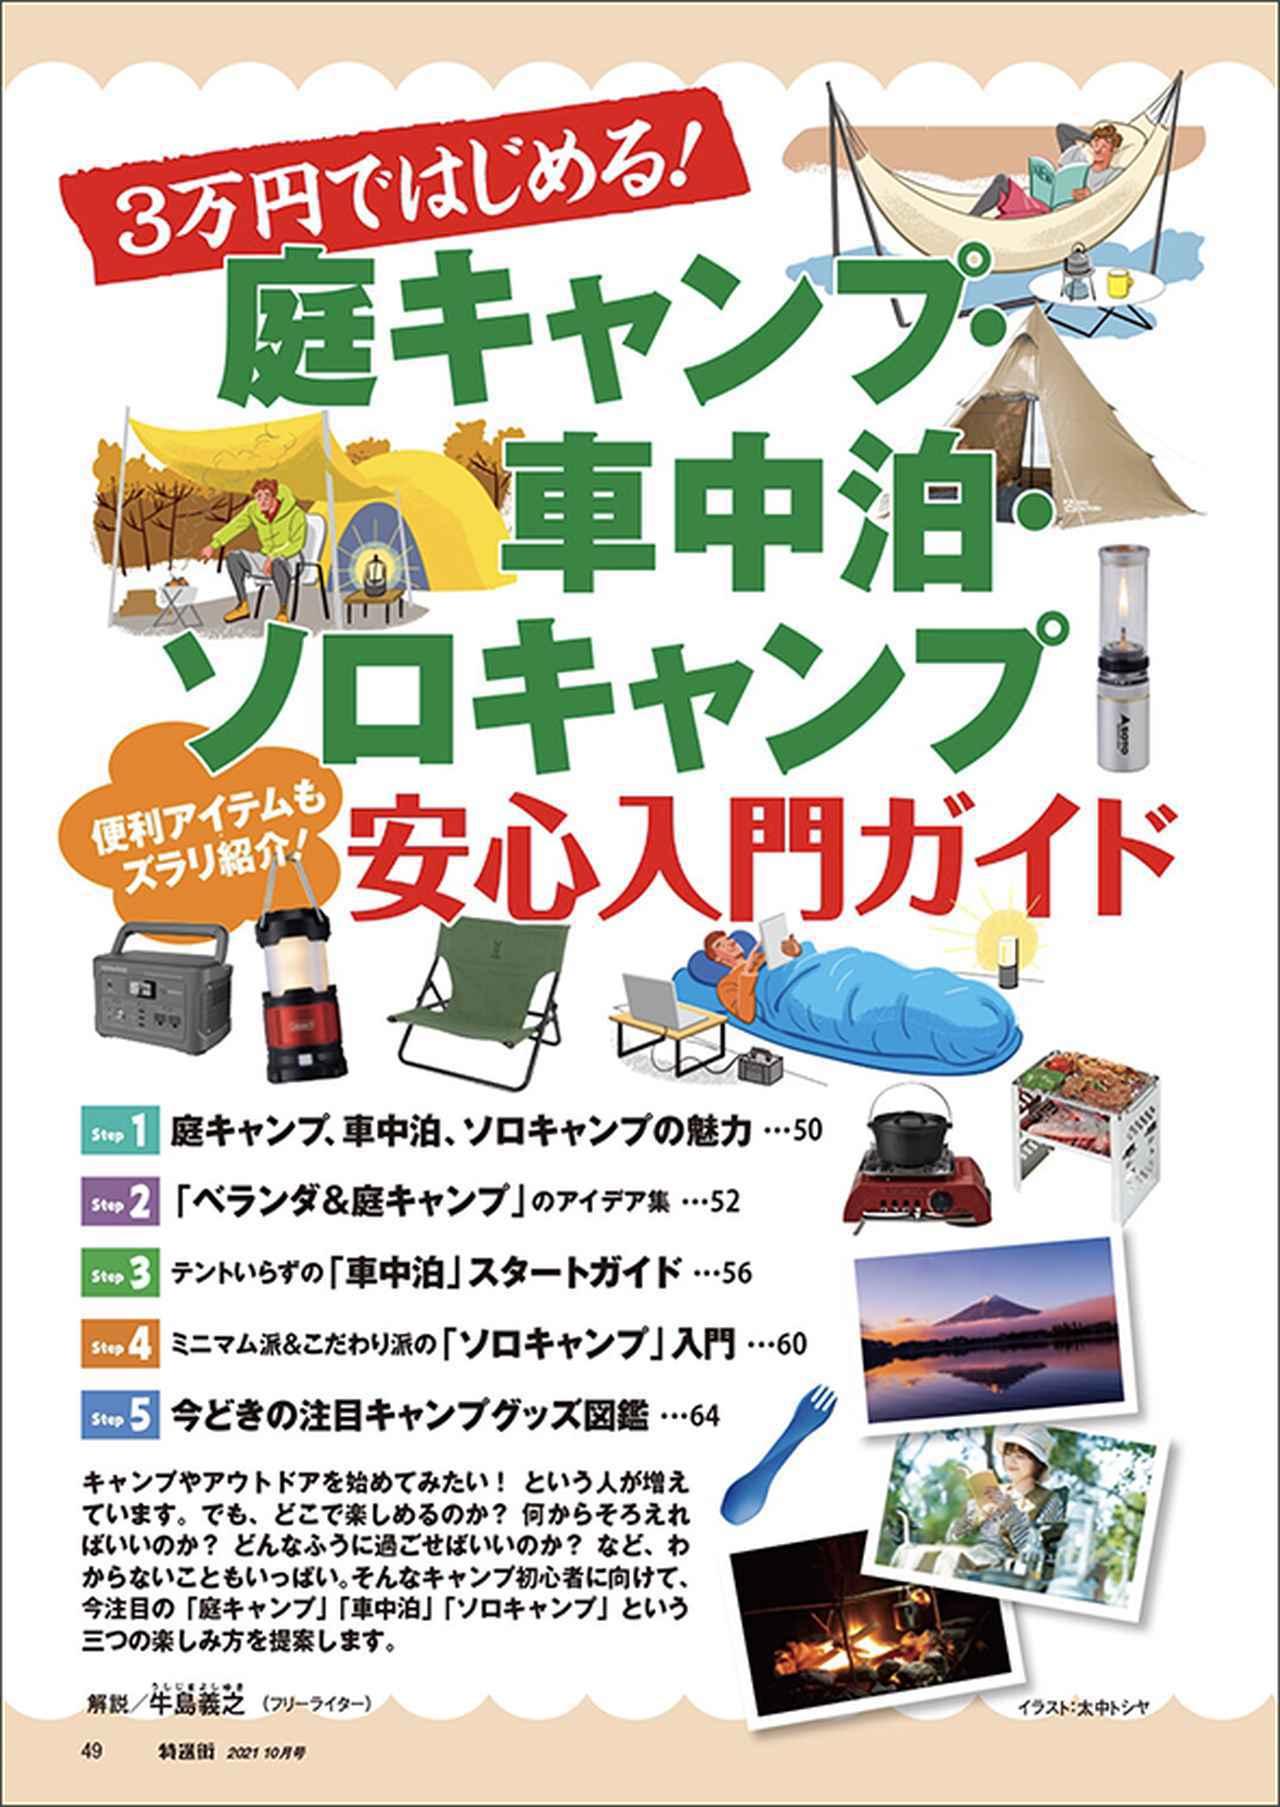 画像3: 【本日発売】特選街10月号 「SNSの情報収集術」「ソロキャンプ・庭キャンプ」を大特集!